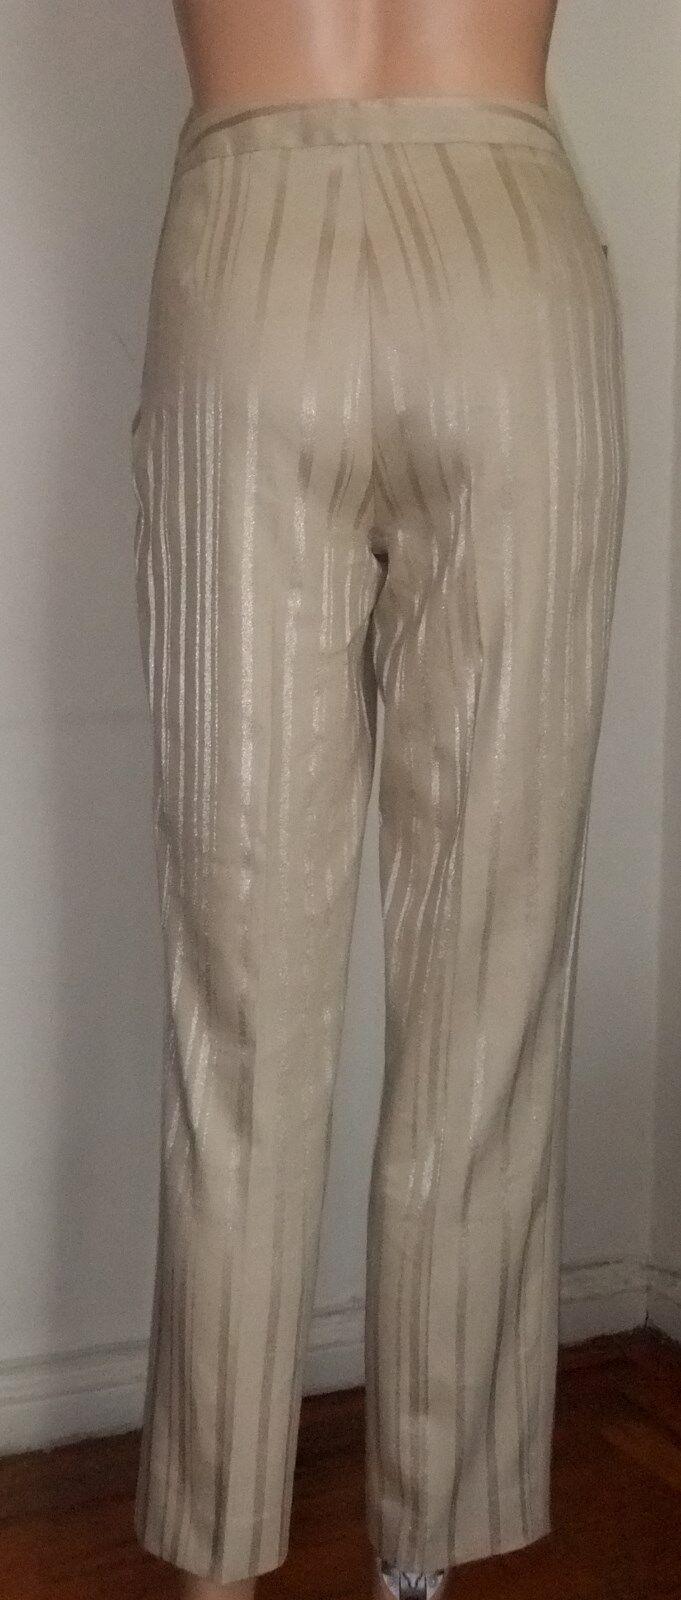 LES COPAINS CHAMPAGNE BEIGE COTTON LINEN DRESSY PANTS, Italian 42 US 6, 27 long